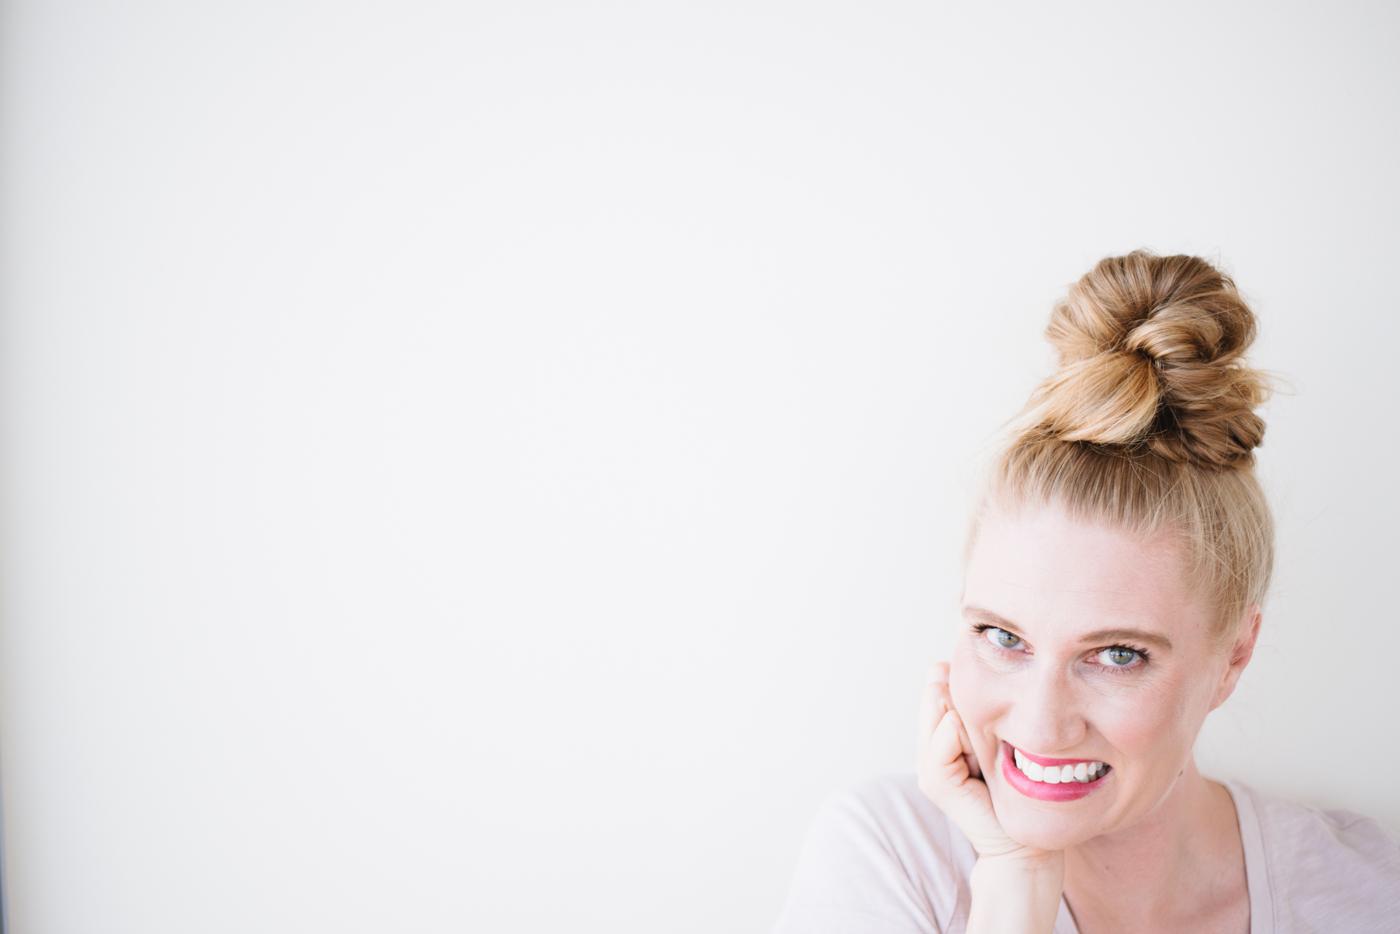 Robyn Conley Downs Headshot 1